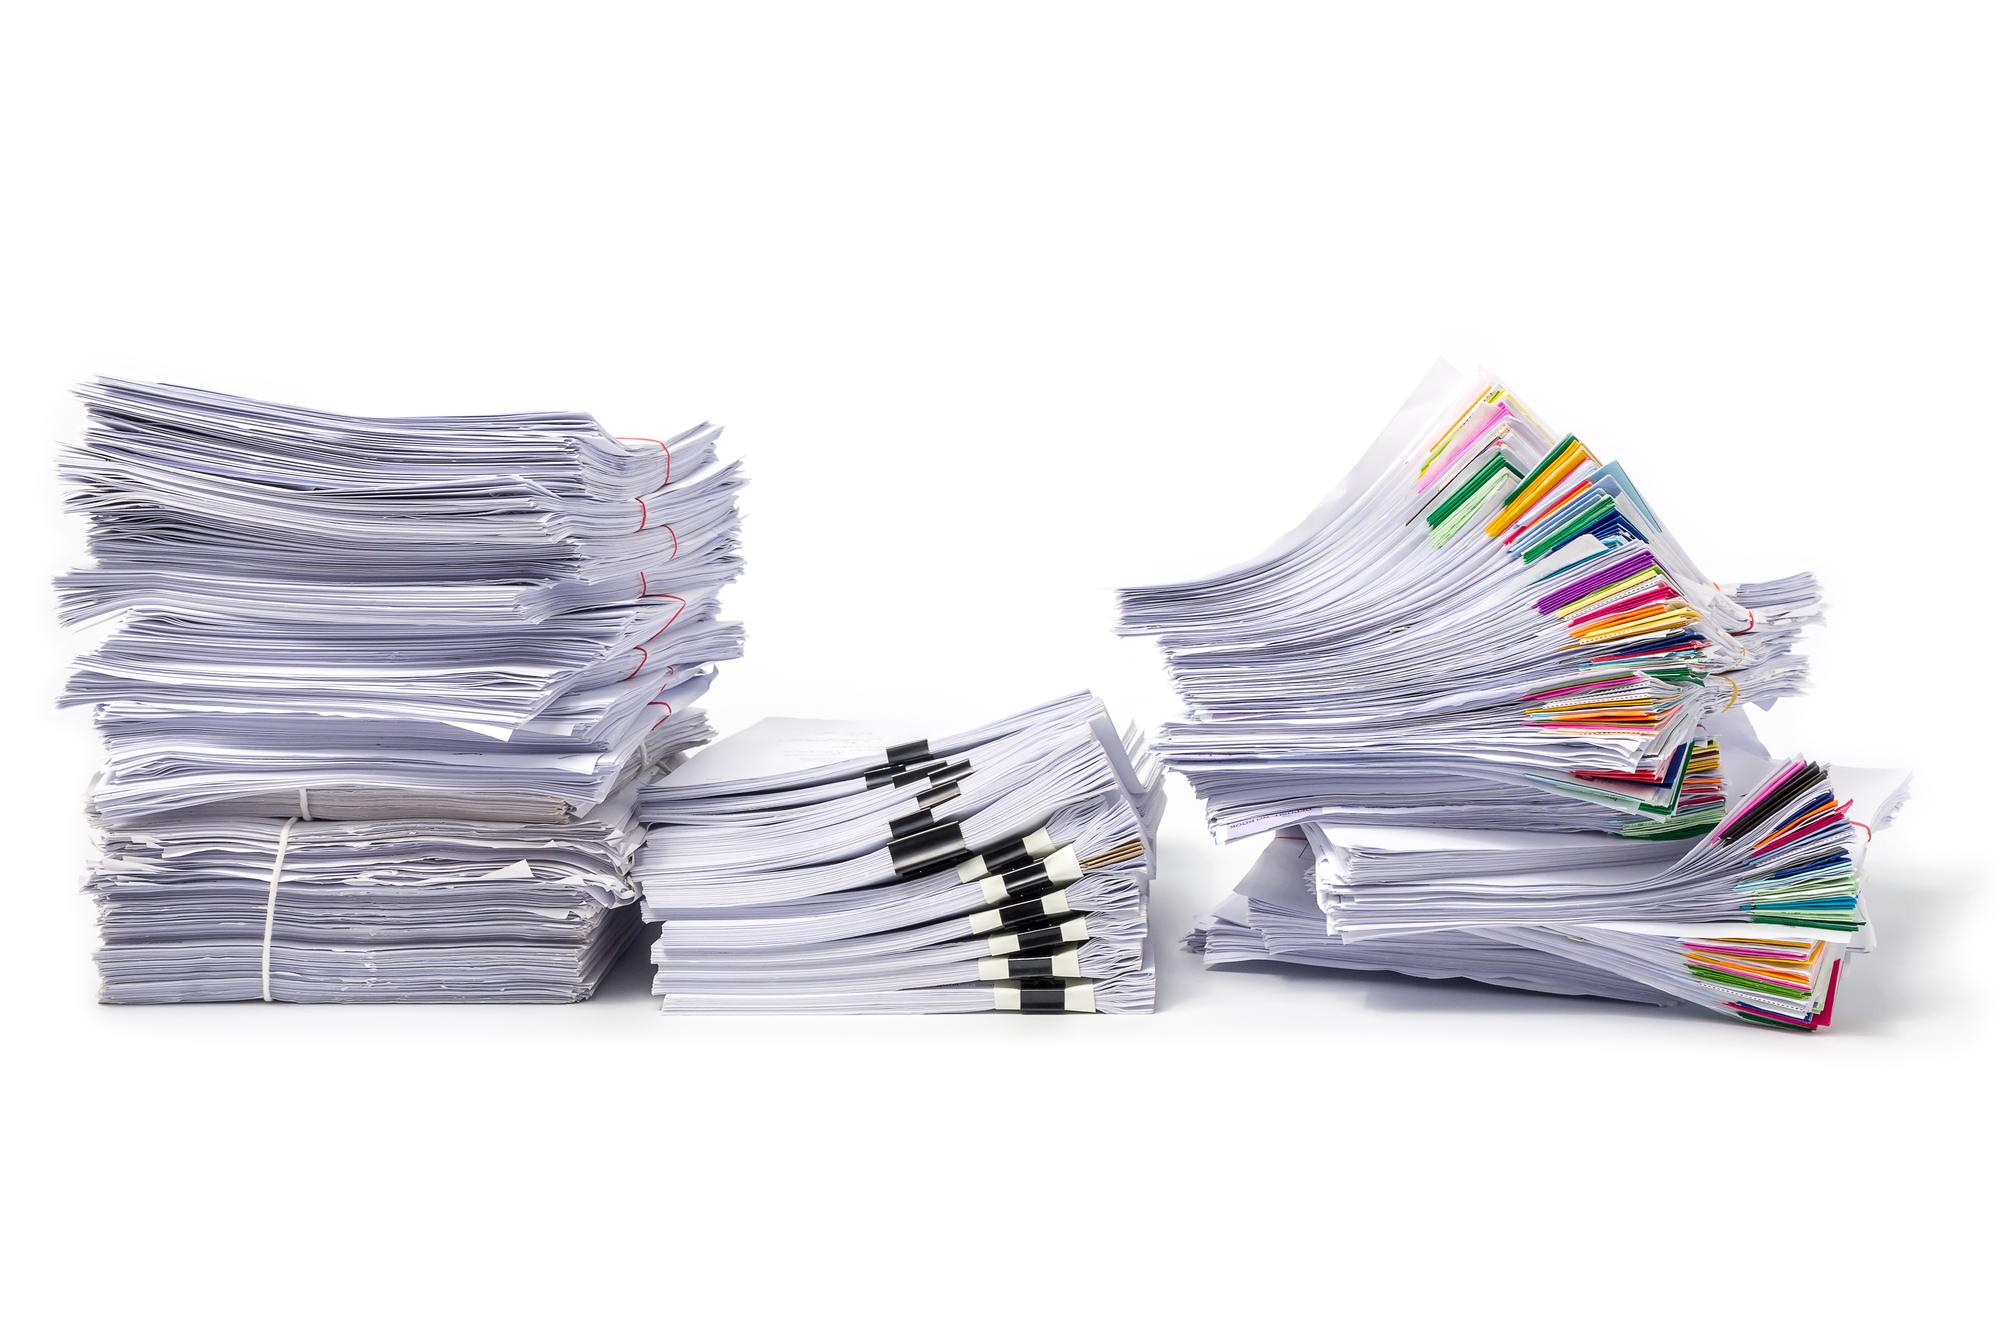 役所の手続き書類の山